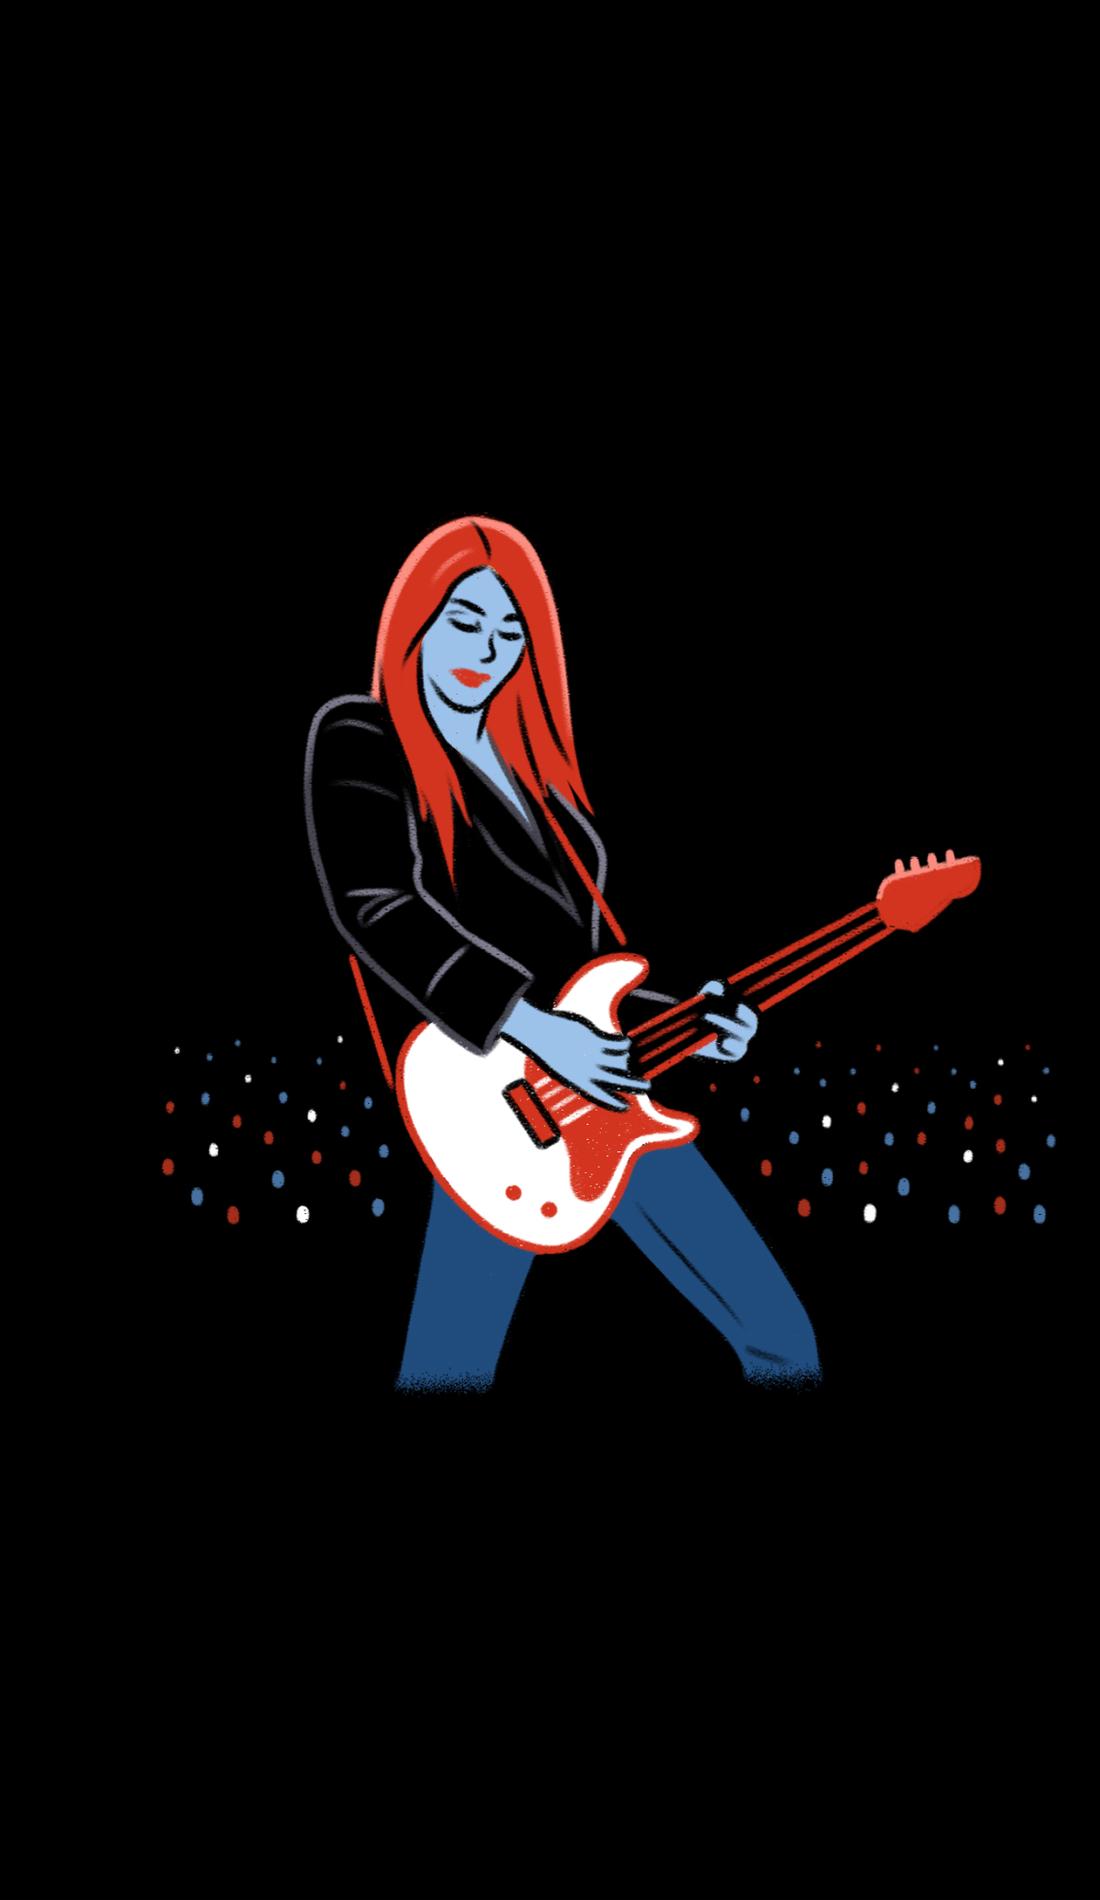 A Danny Seraphine live event